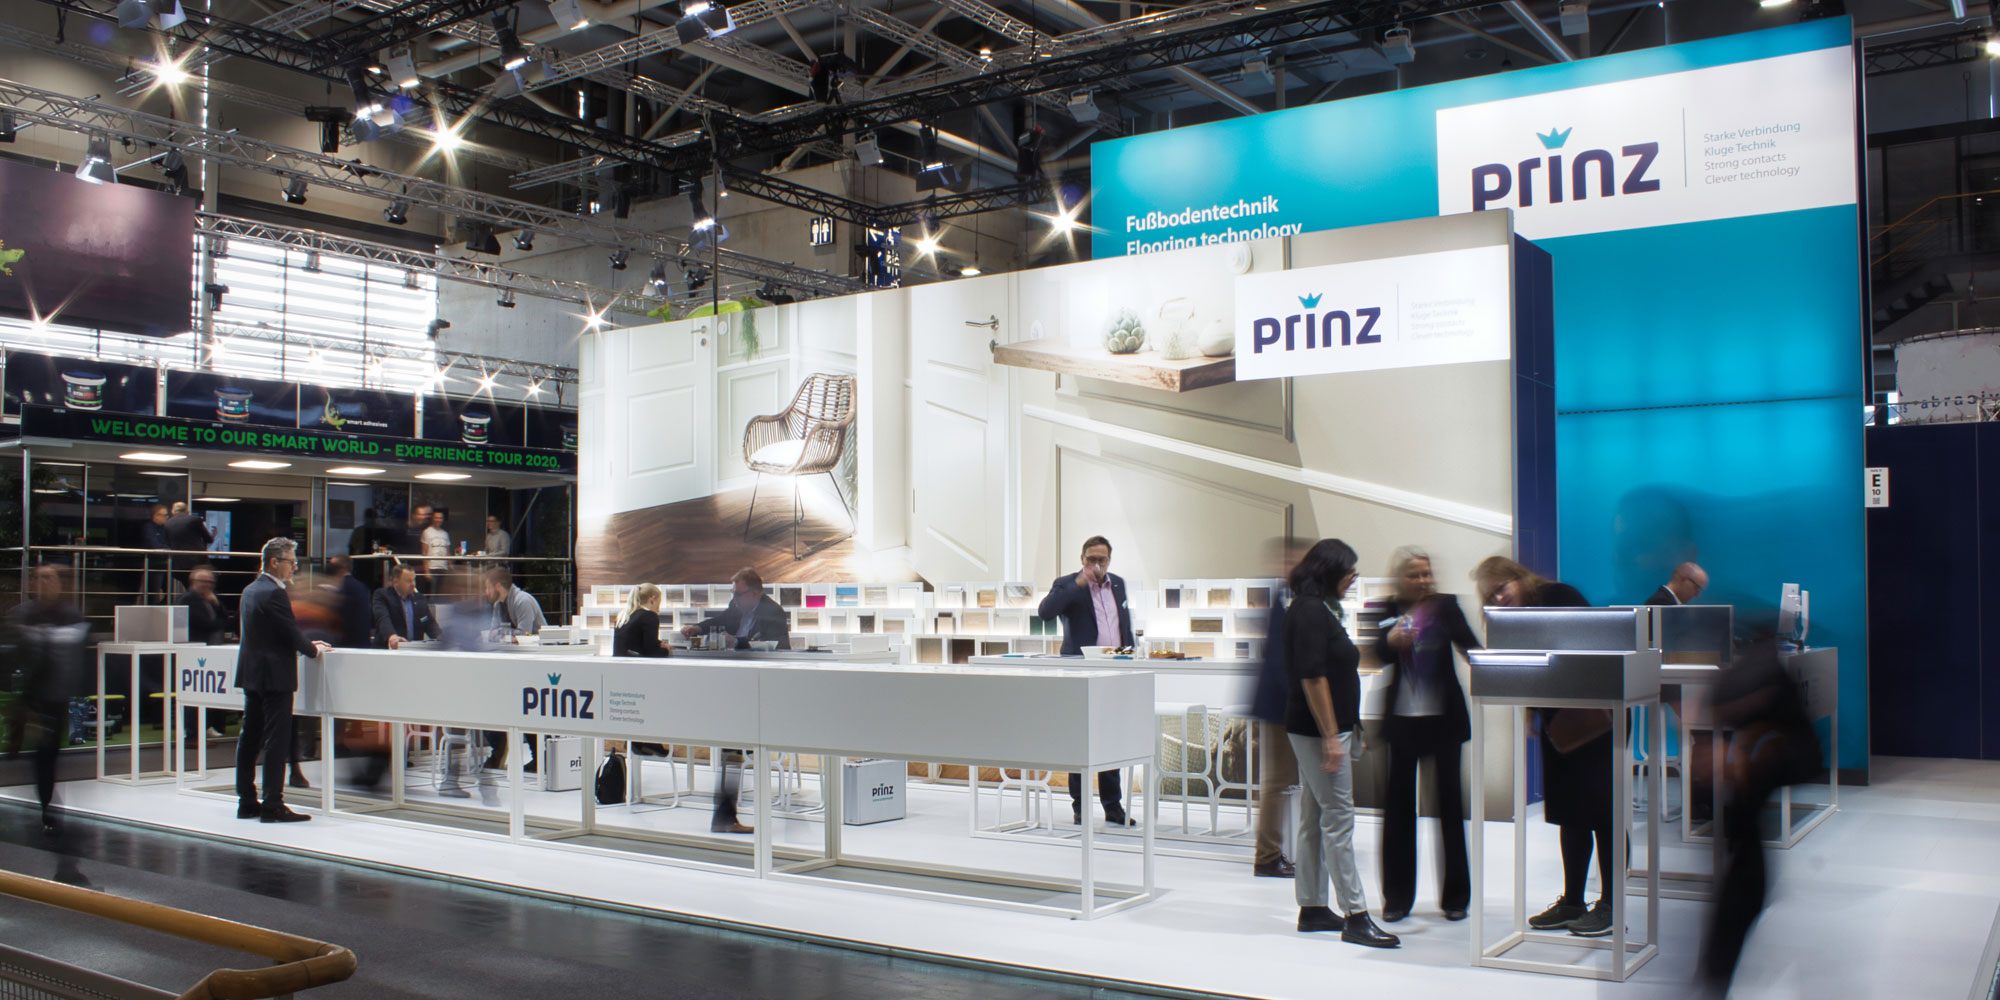 Messestand von Prinz auf der Domotex 2019 in Hannover Deutschland Europe - Tünnissen Interiors, Messen, Events und Ausstellungen NRW Deutschland Europe